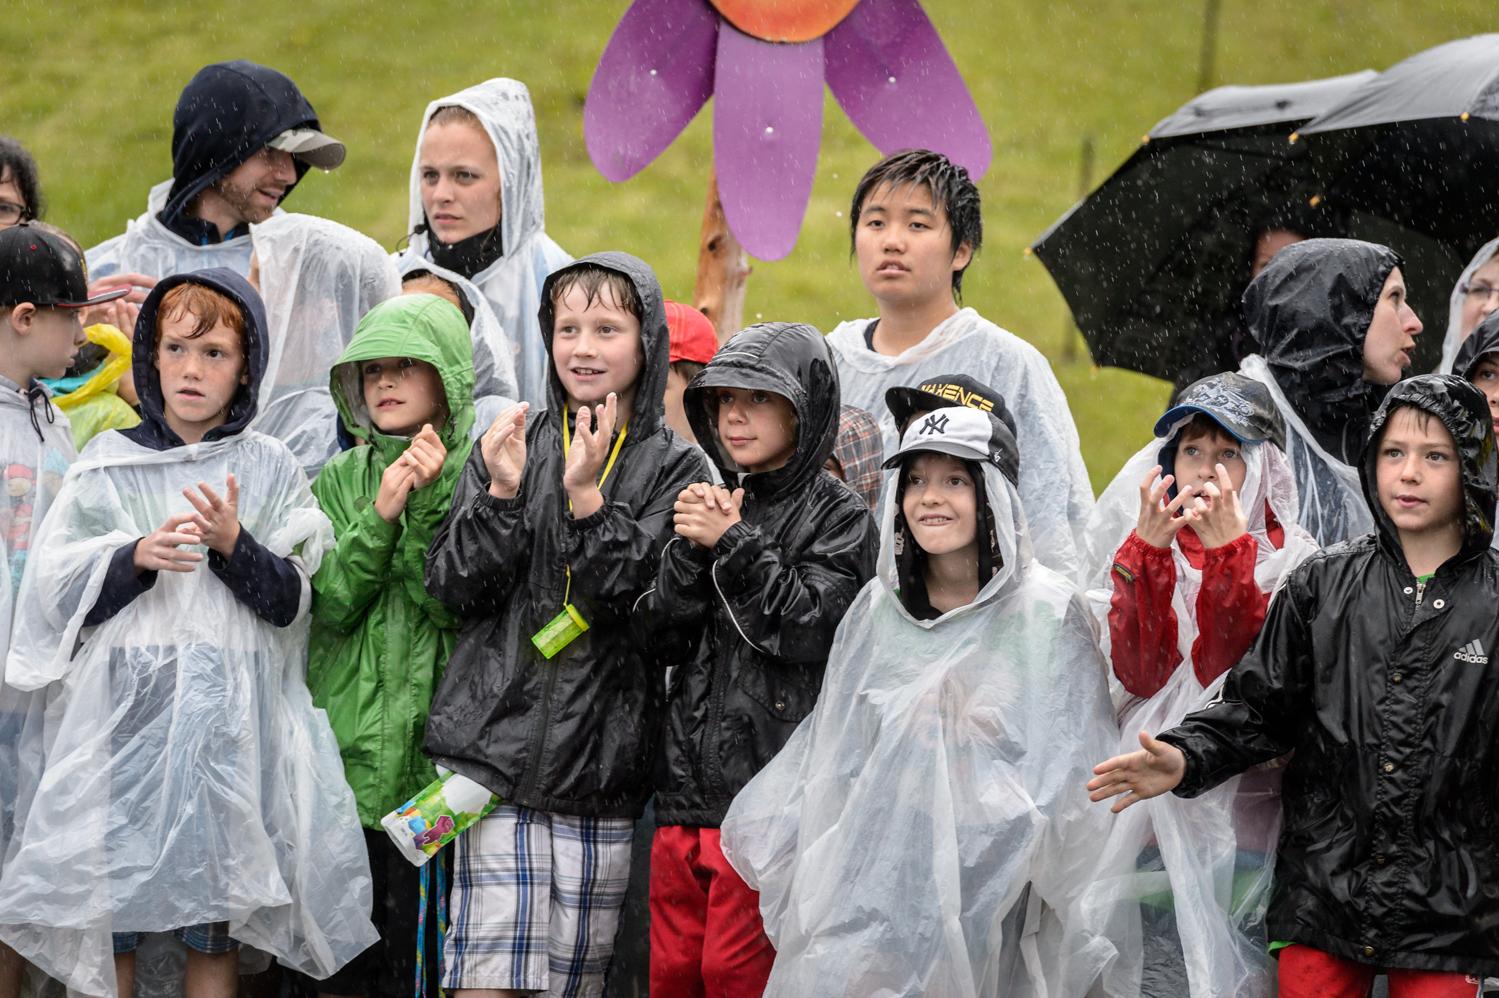 Les spectateurs attendent l'arrivée des premiers cycliste sous une pluie battante.